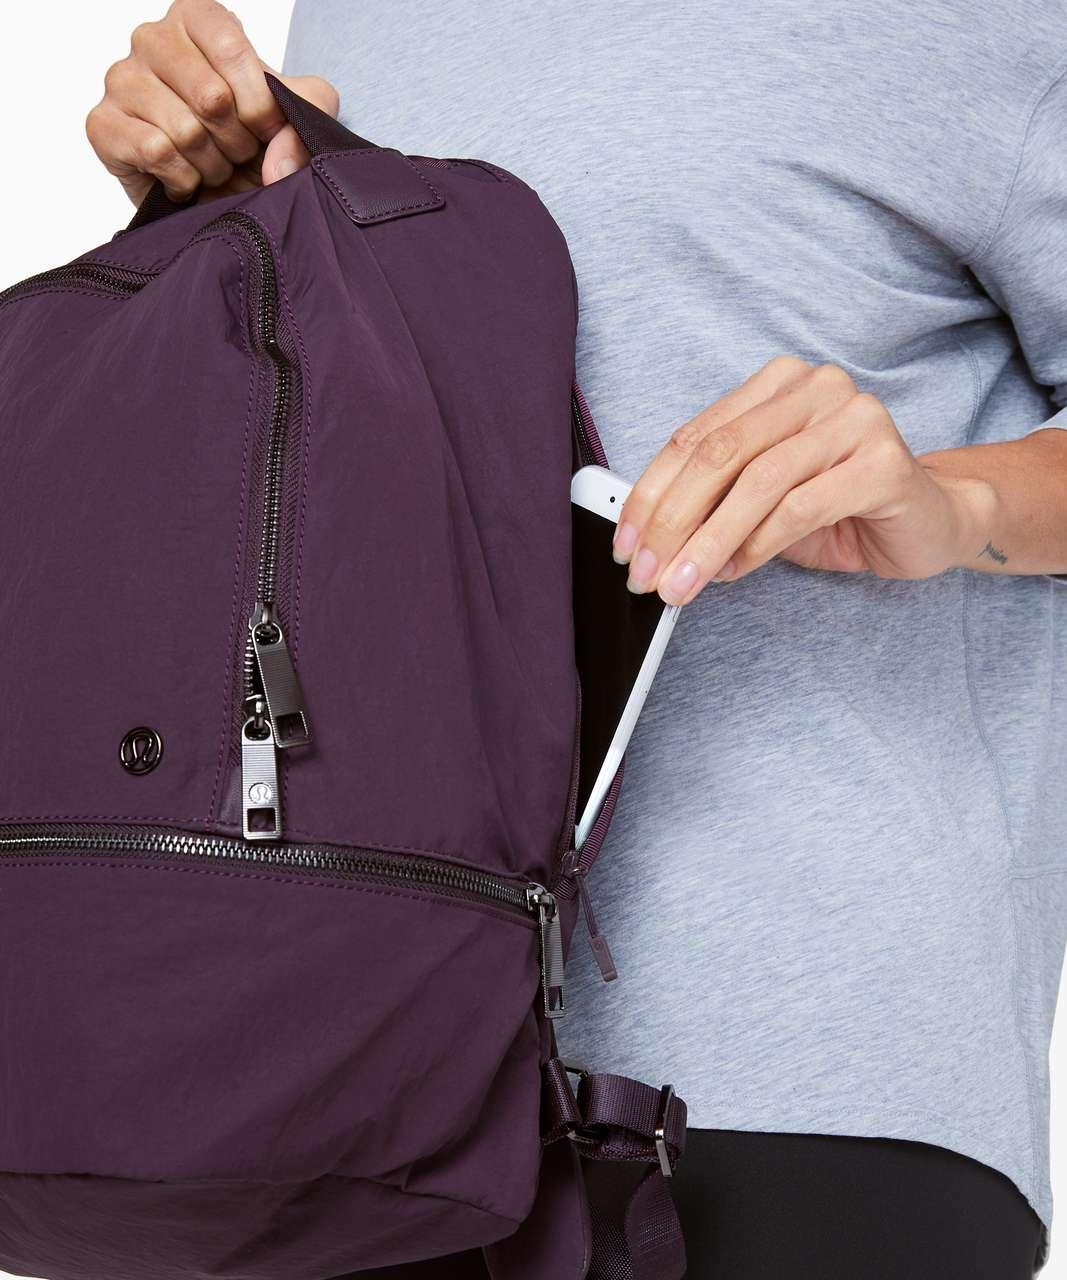 Lululemon City Adventurer Backpack *17L - Black Cherry